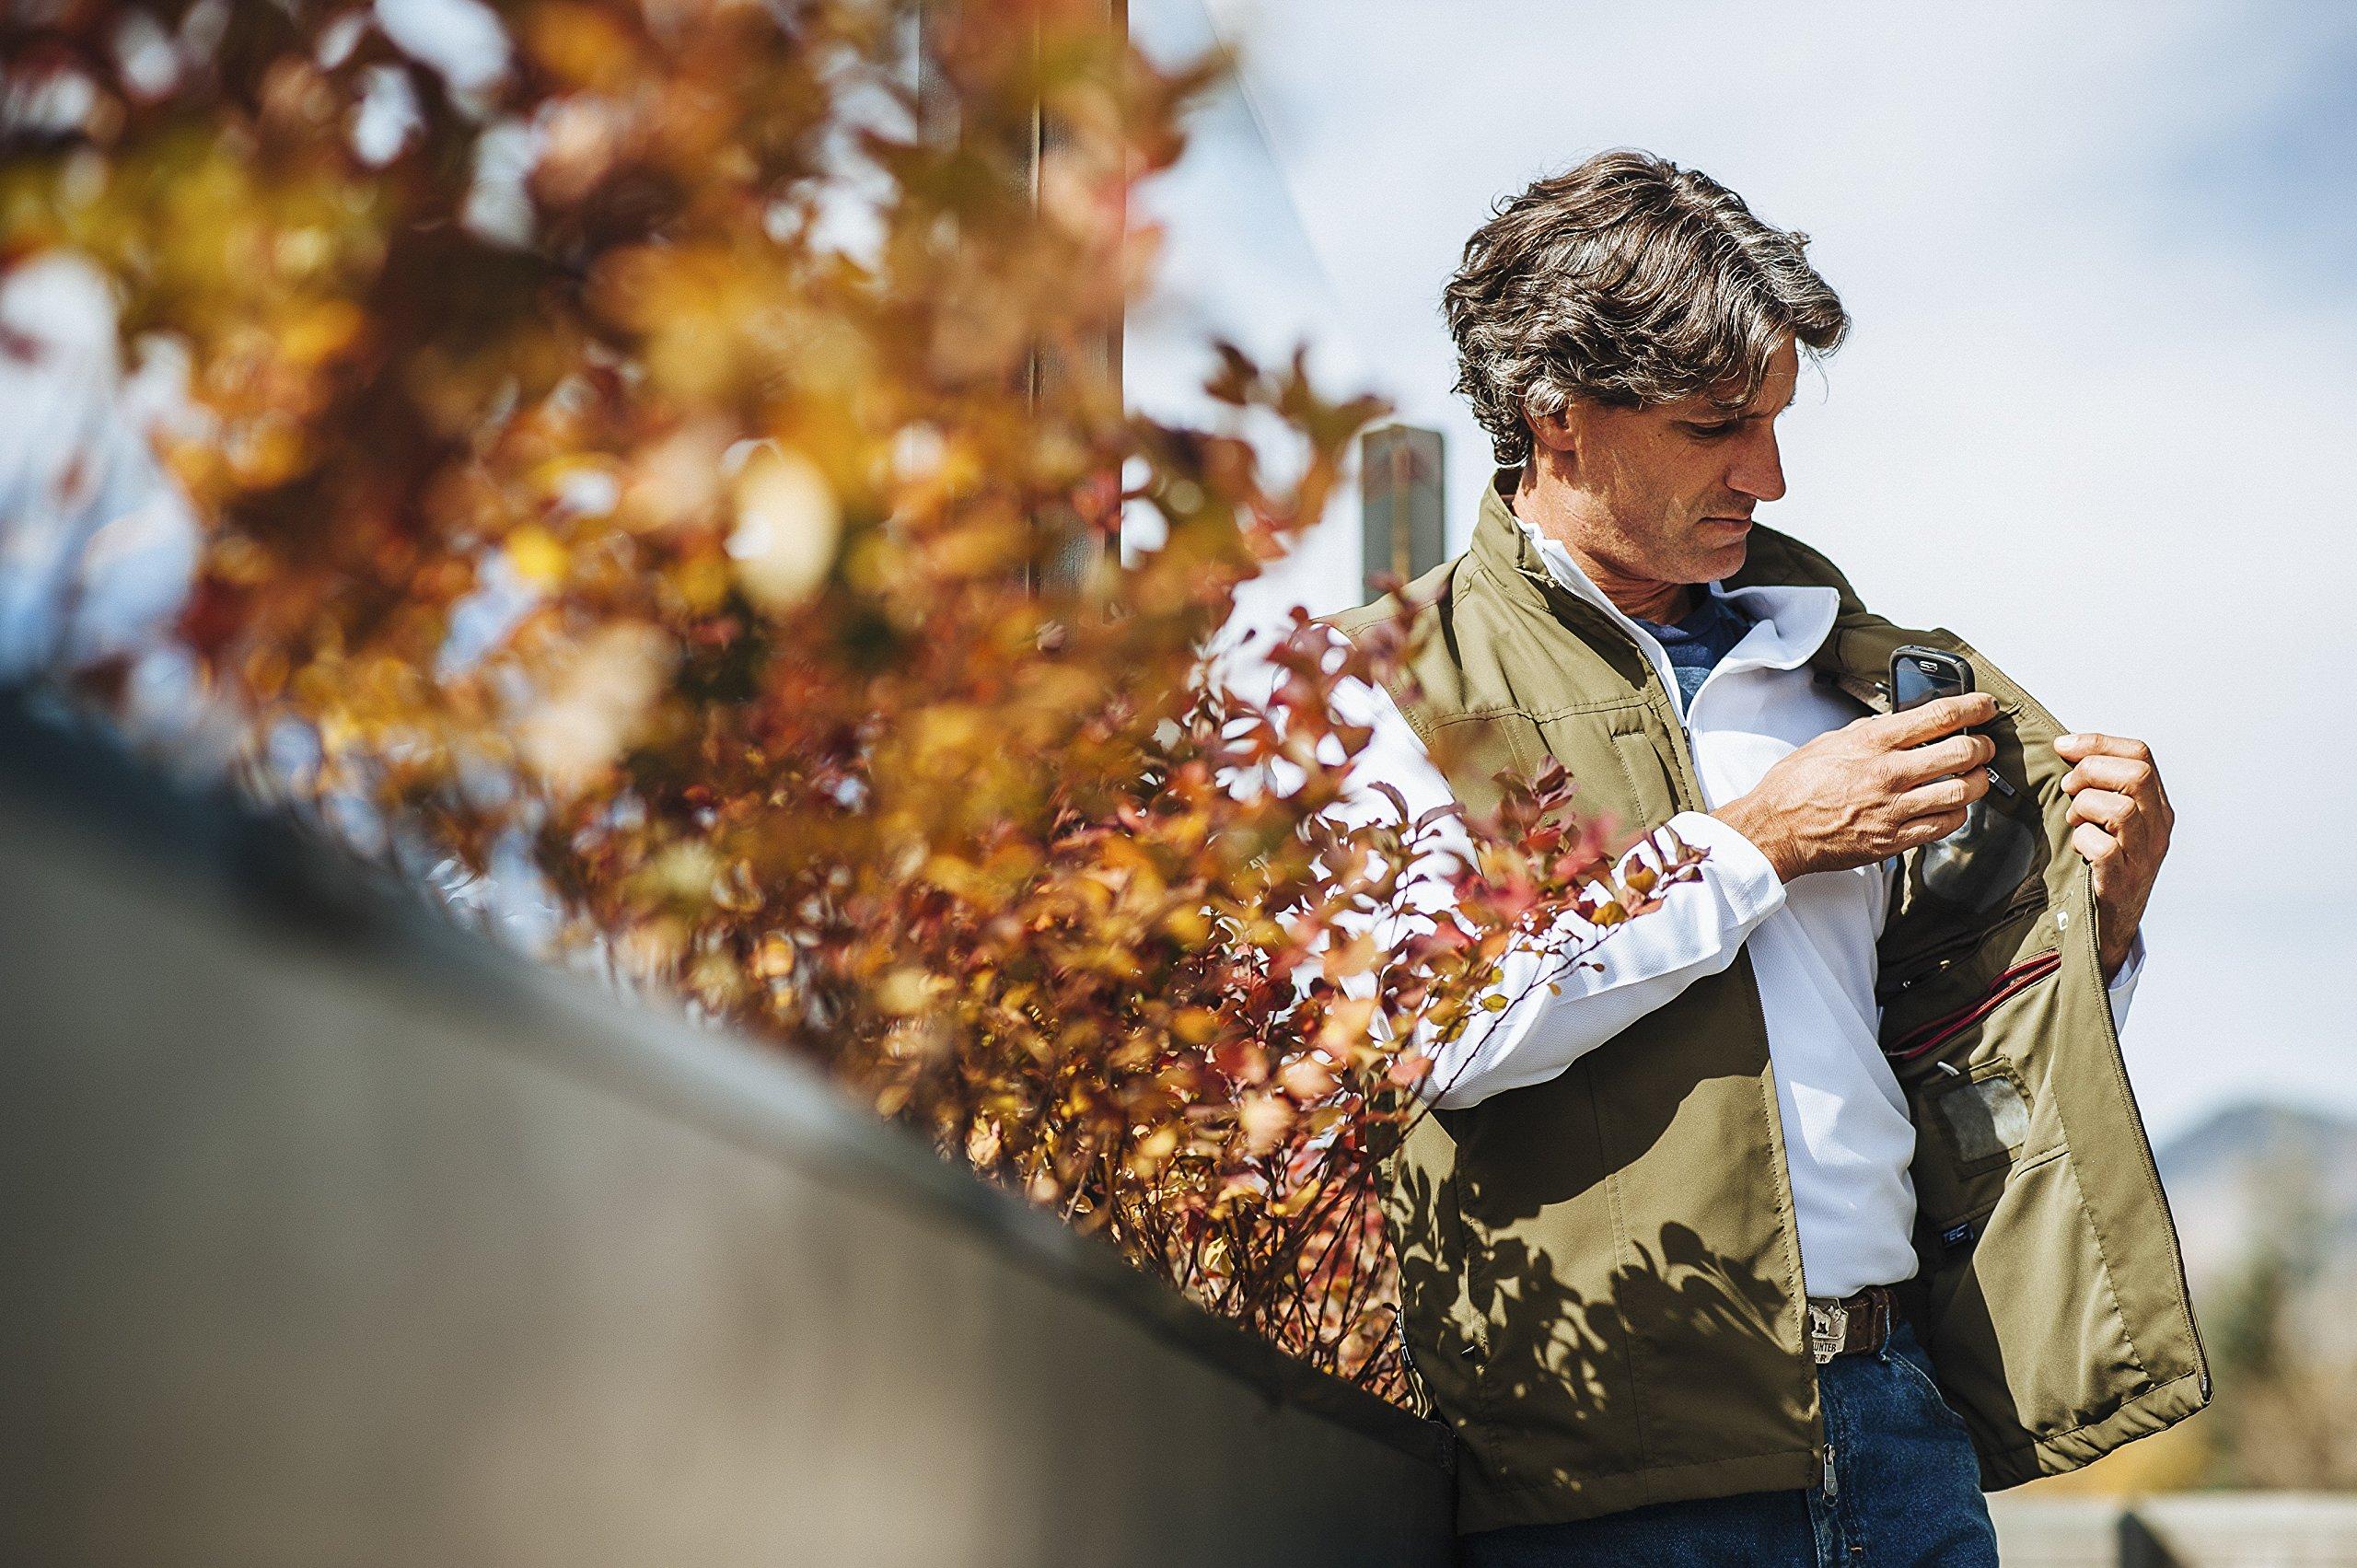 SCOTTeVEST Men's RFID Travel Vest - 26 Pockets – Travel Clothing Blk XXXL by SCOTTeVEST (Image #5)